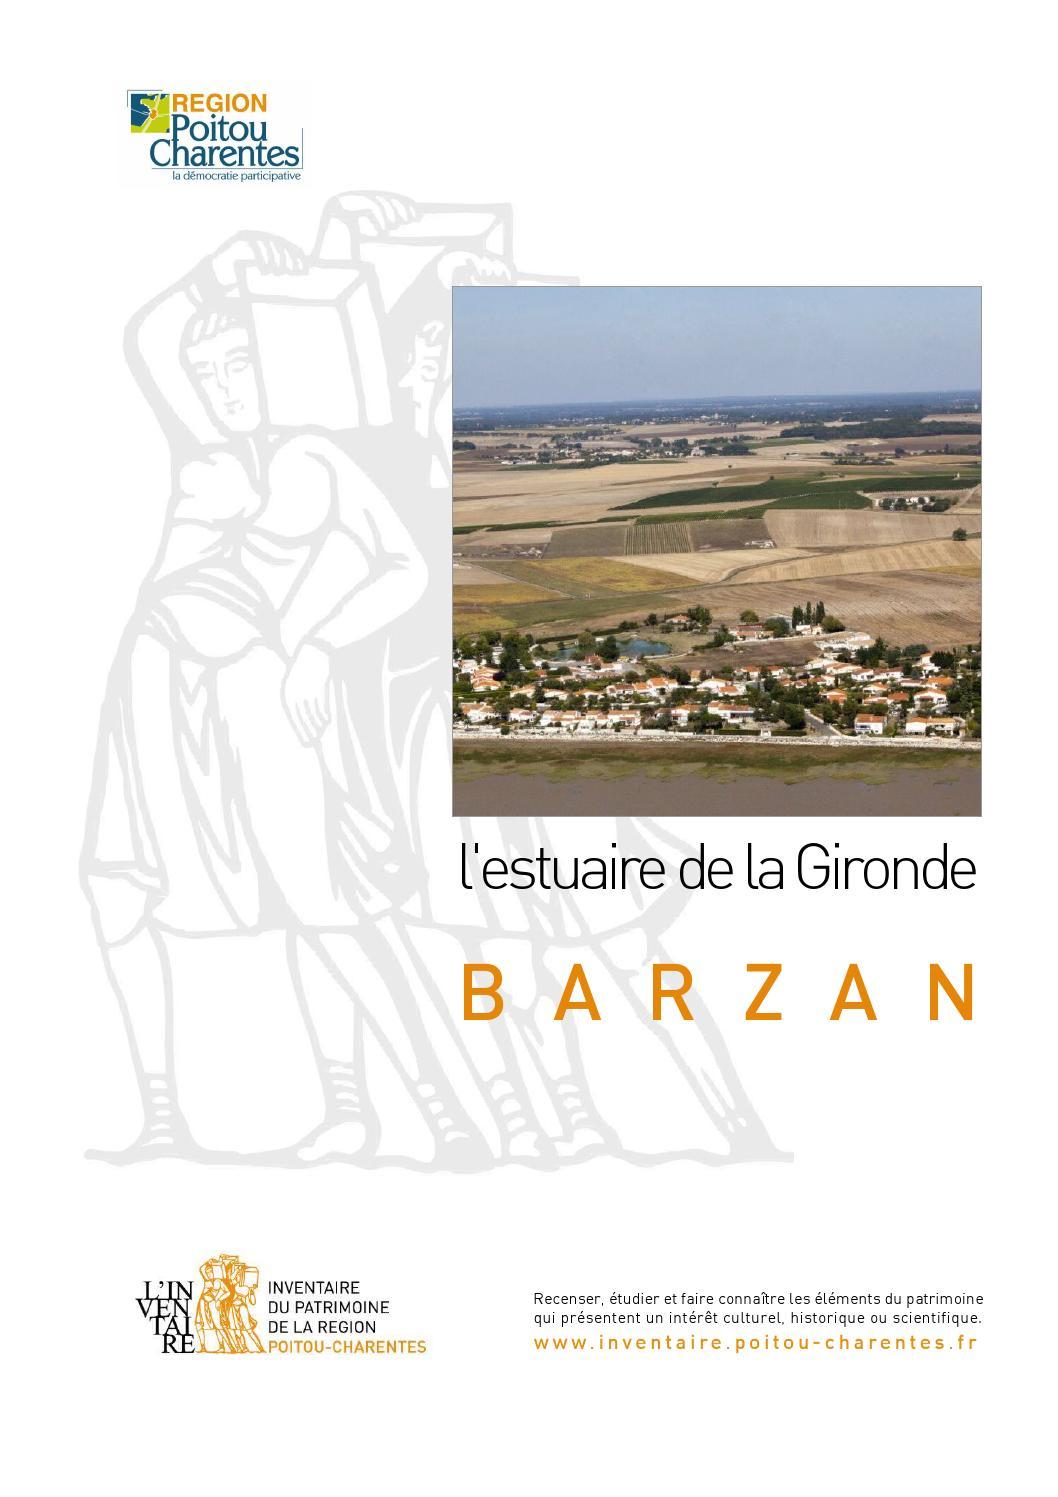 Lestuaire De La Gironde Barzan By Region Poitou Charentes